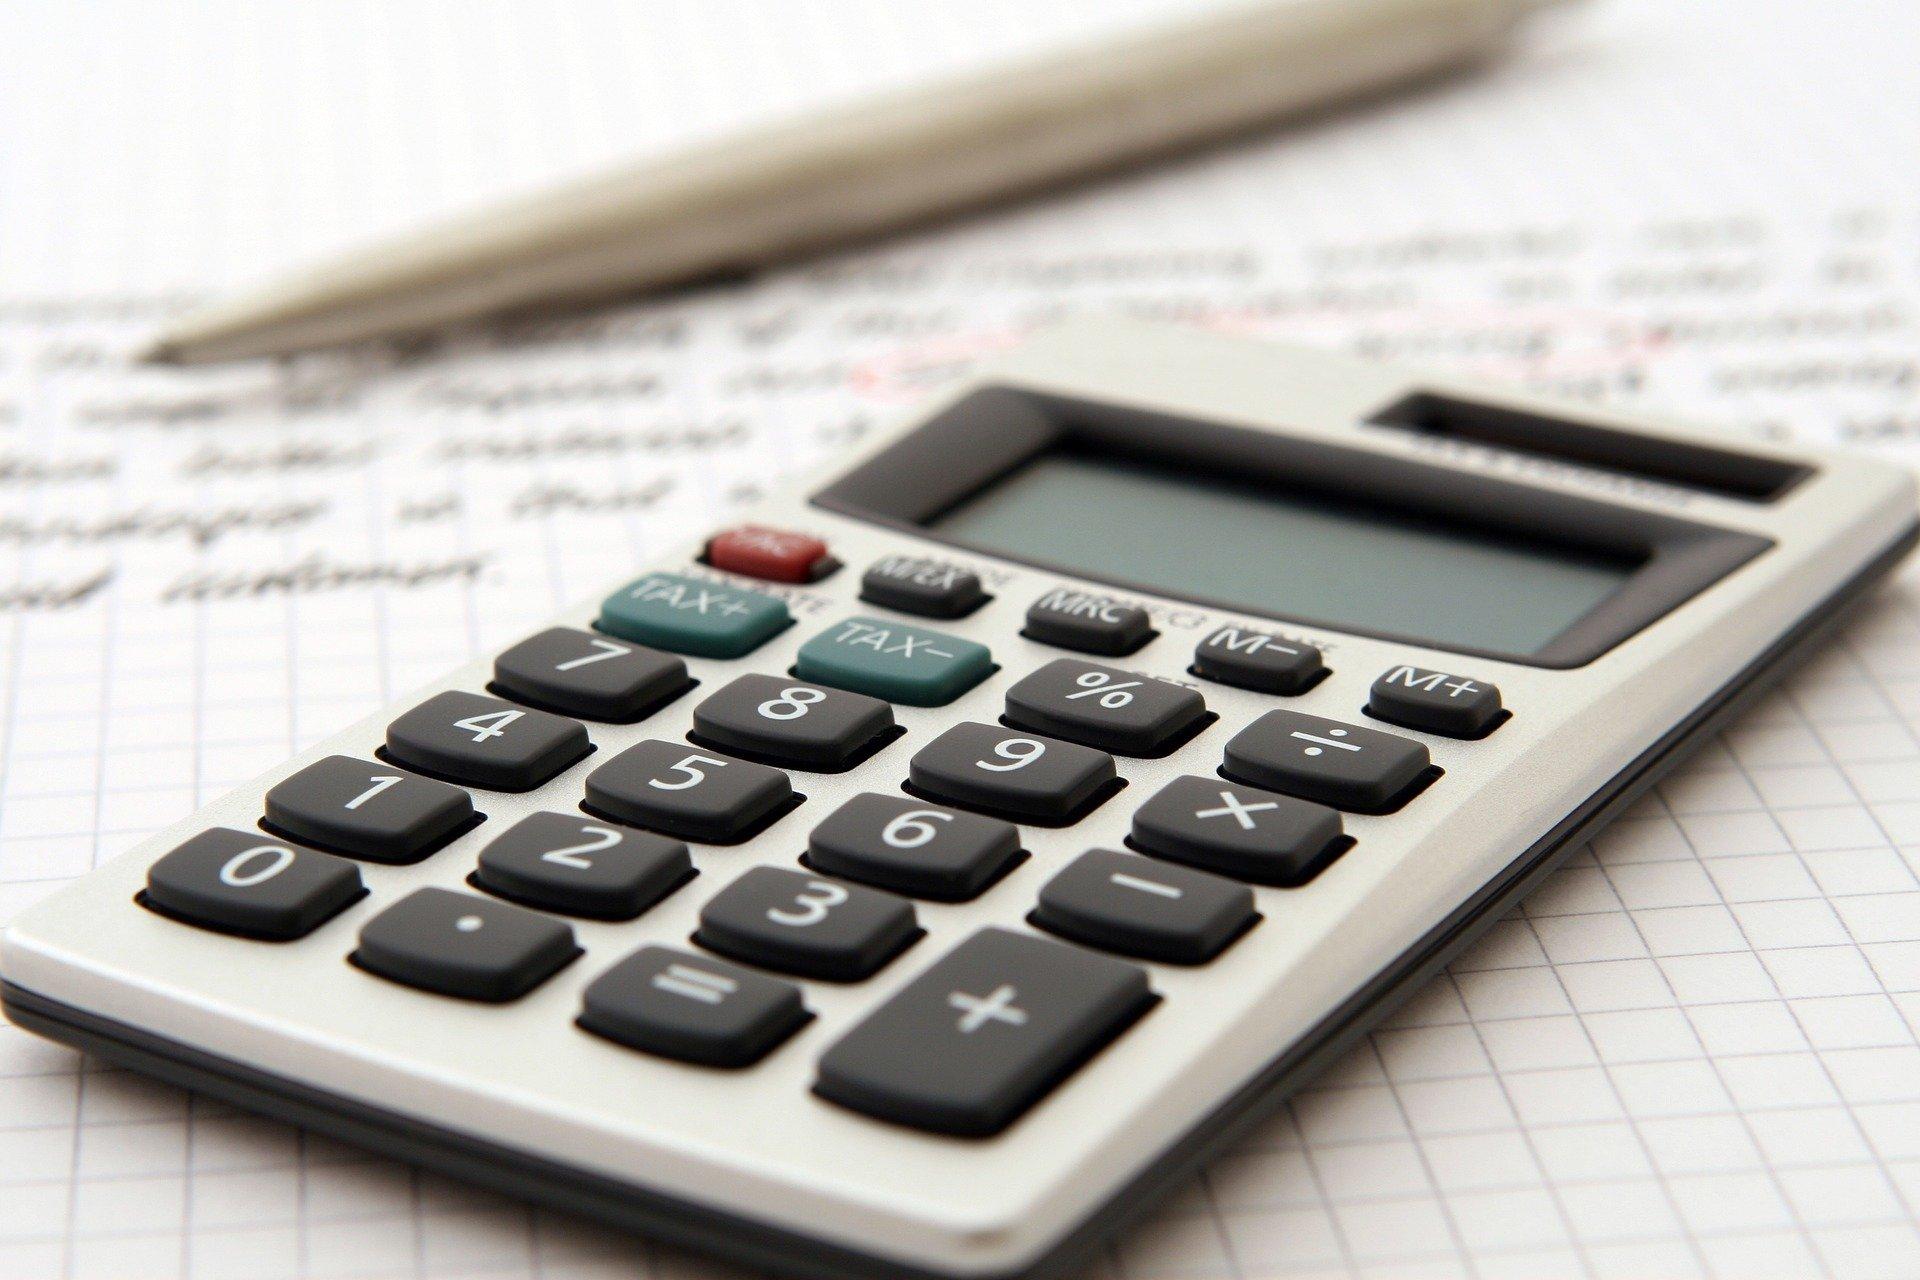 ¿Puede mi empresa beneficiarse de soluciones de eficiencia energética?